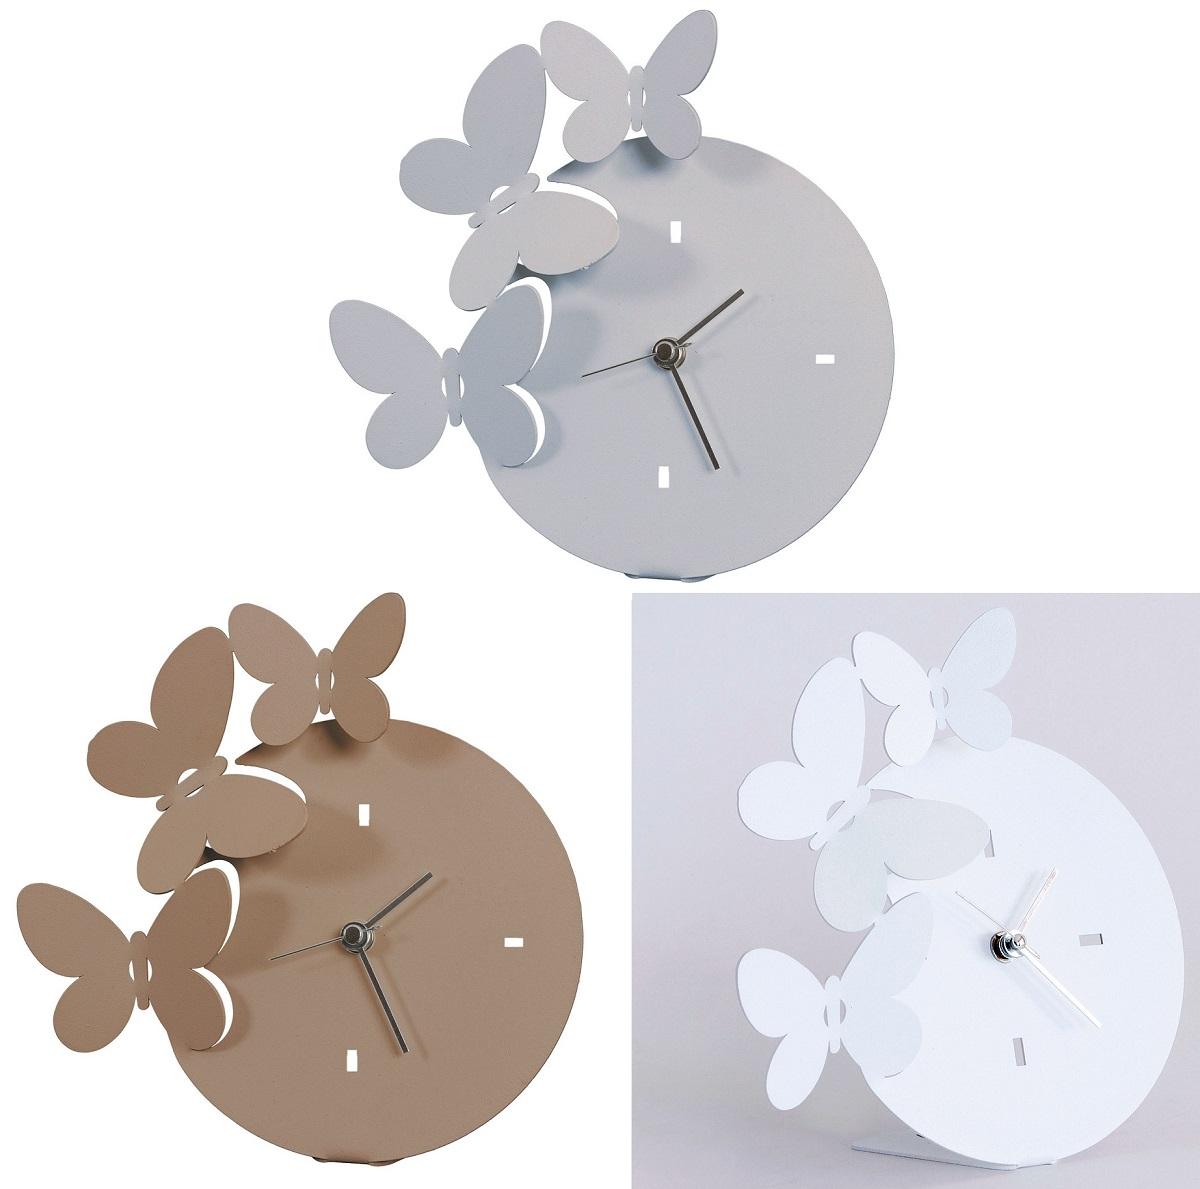 Arti e mestieri orologio farfalle da tavolo bianco for Orologio arti e mestieri amazon